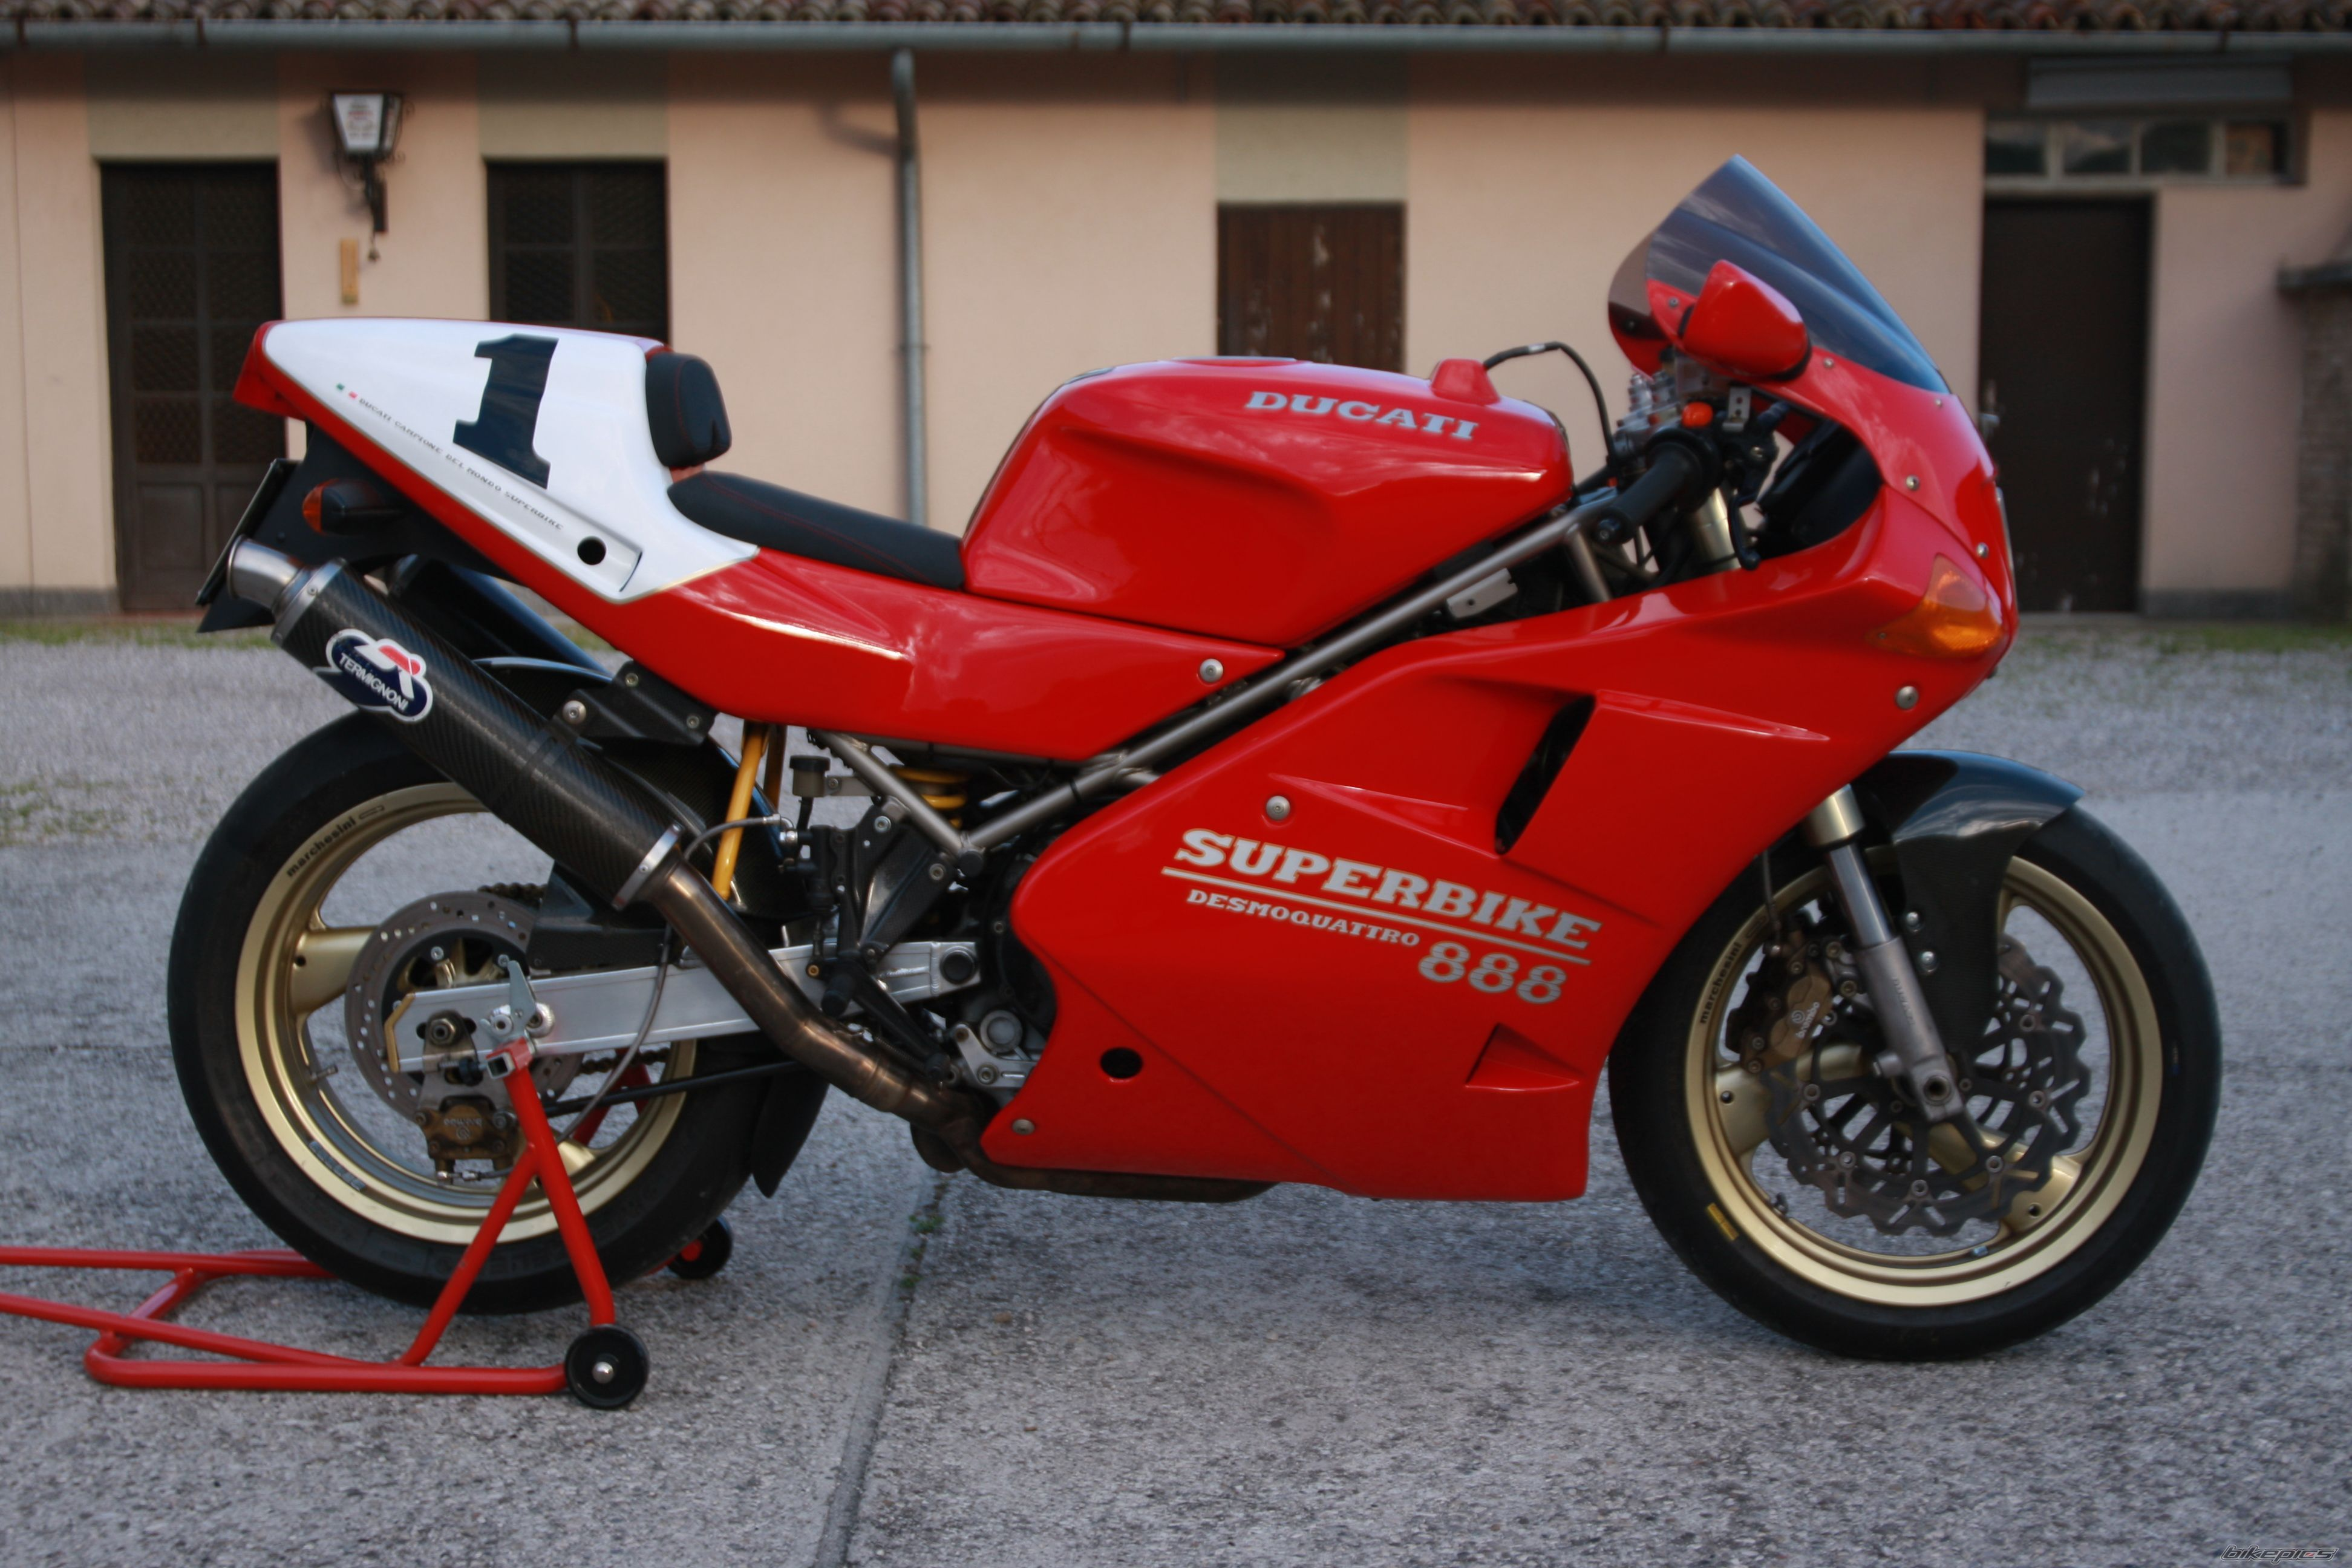 1993 Ducati 888 | Motorcycles | Pinterest | Ducati 888, Ducati and